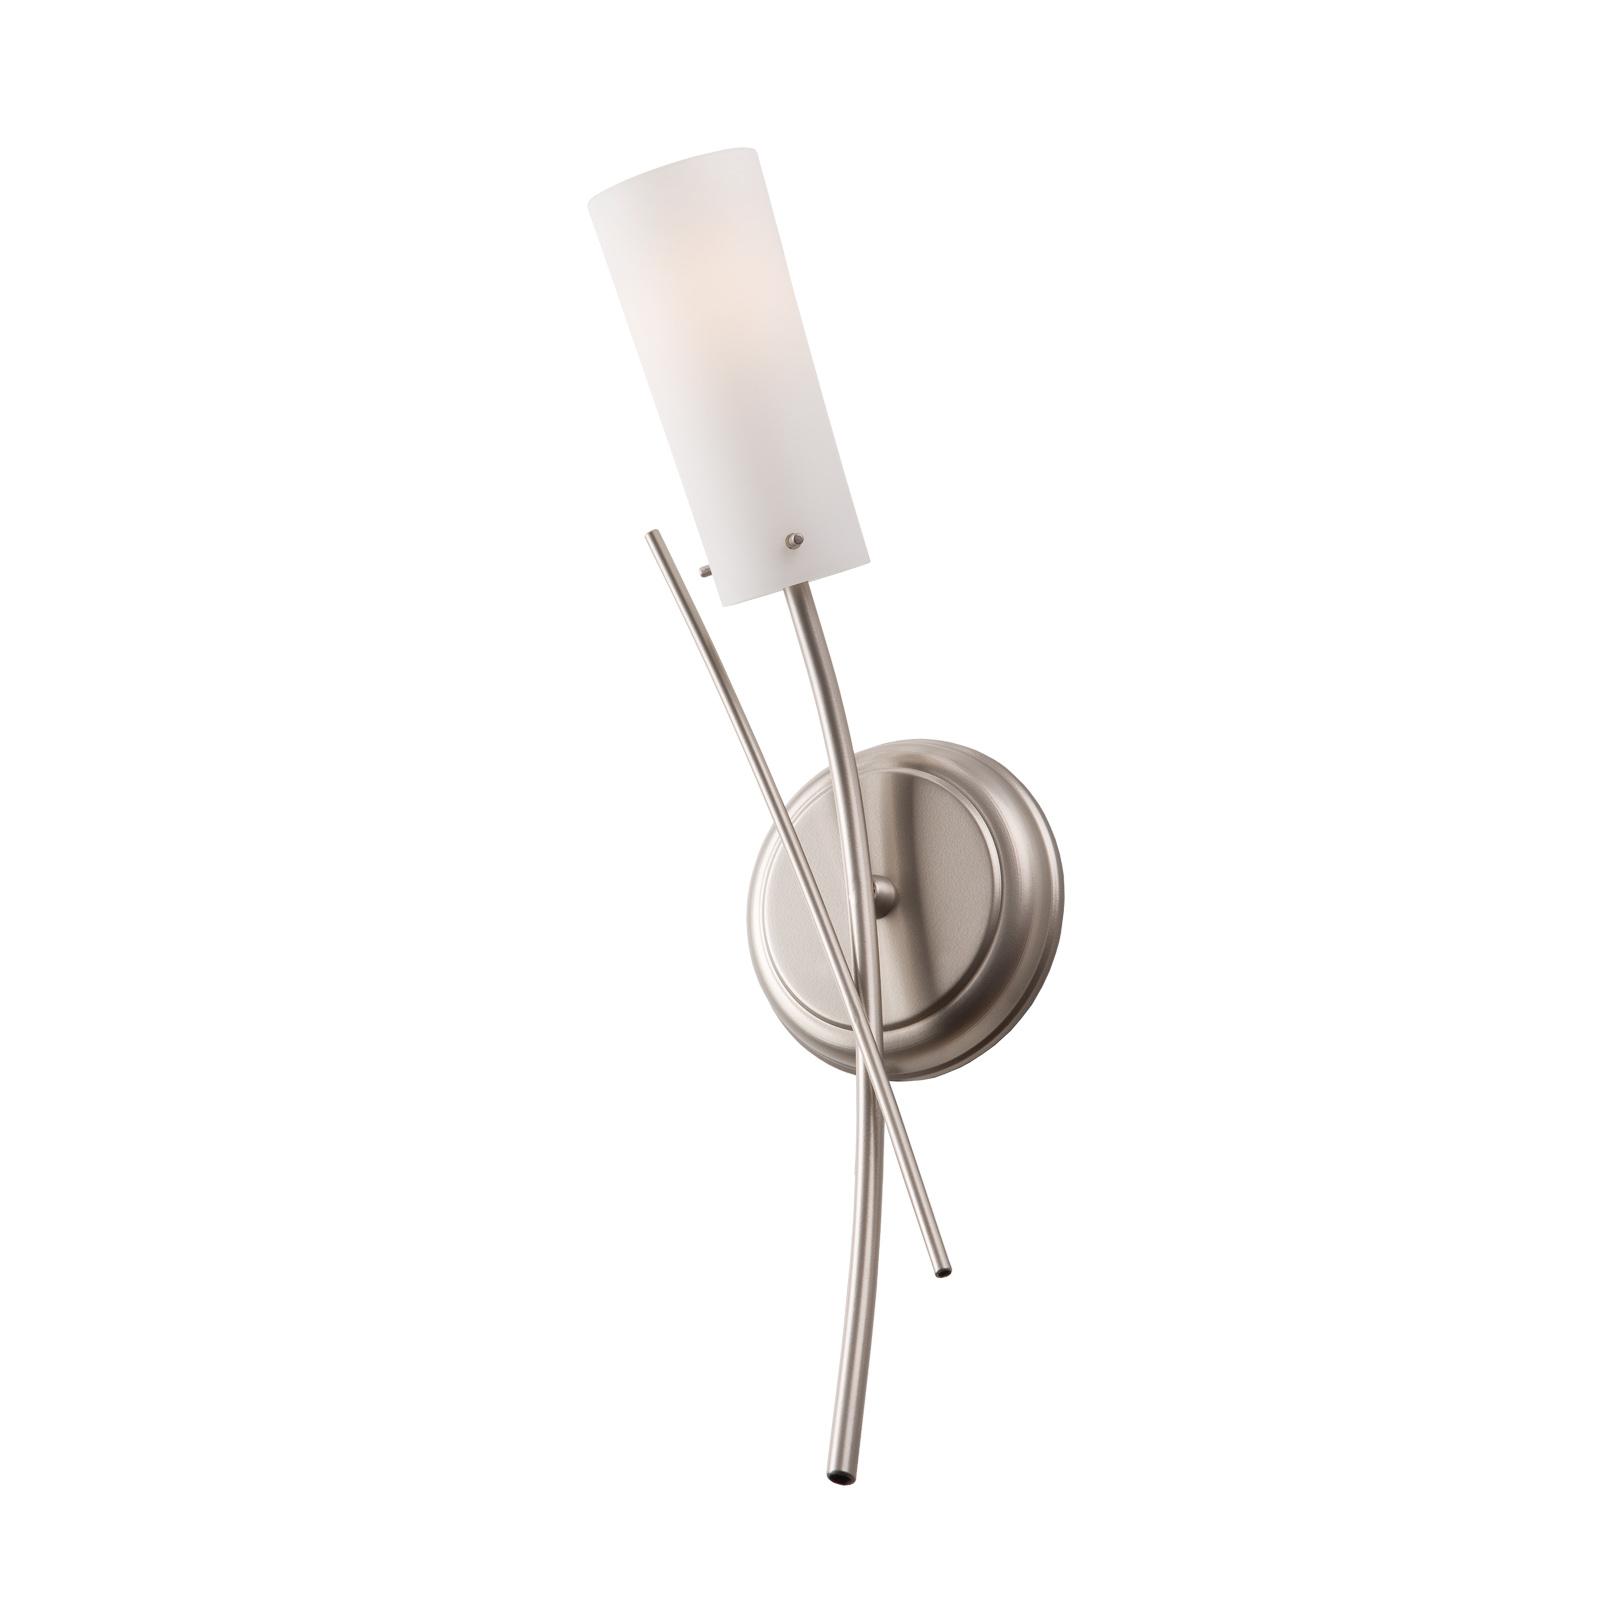 Vegglampe Grinda, 1 lyskilde, krom matt